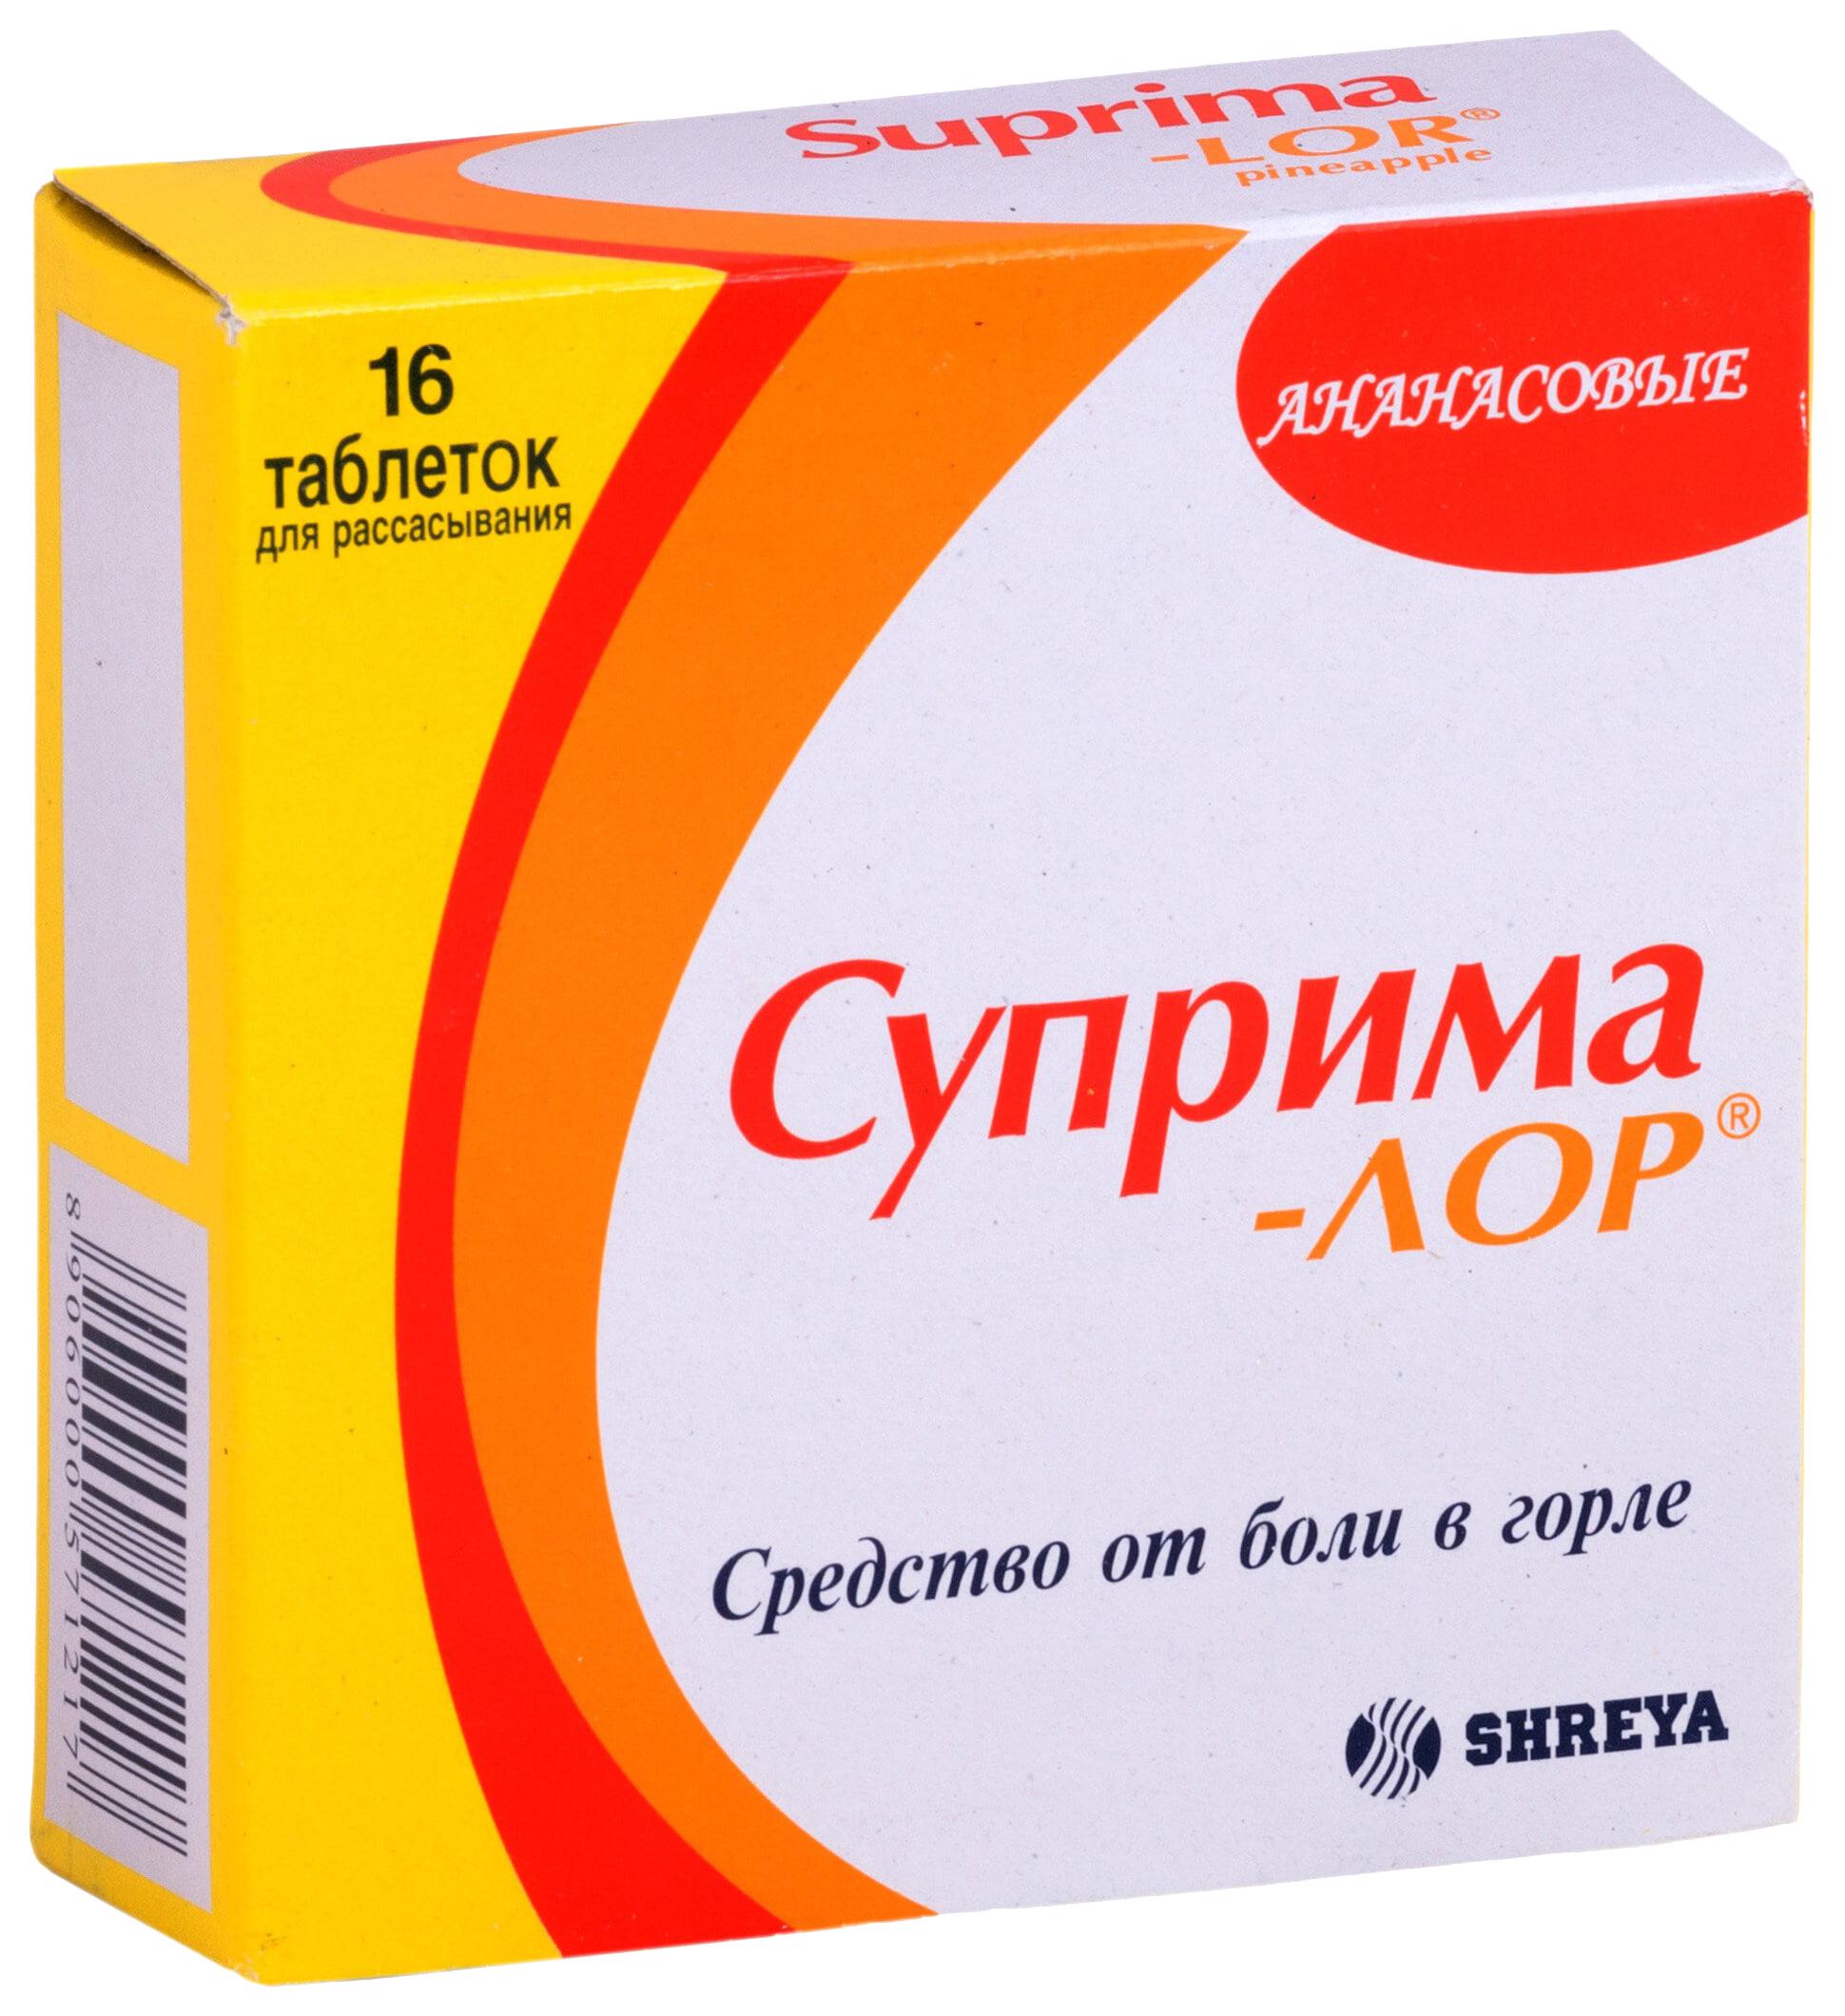 Купить Суприма-лор таблетки для рассас.Ананас №16, Shreya Life Sciences